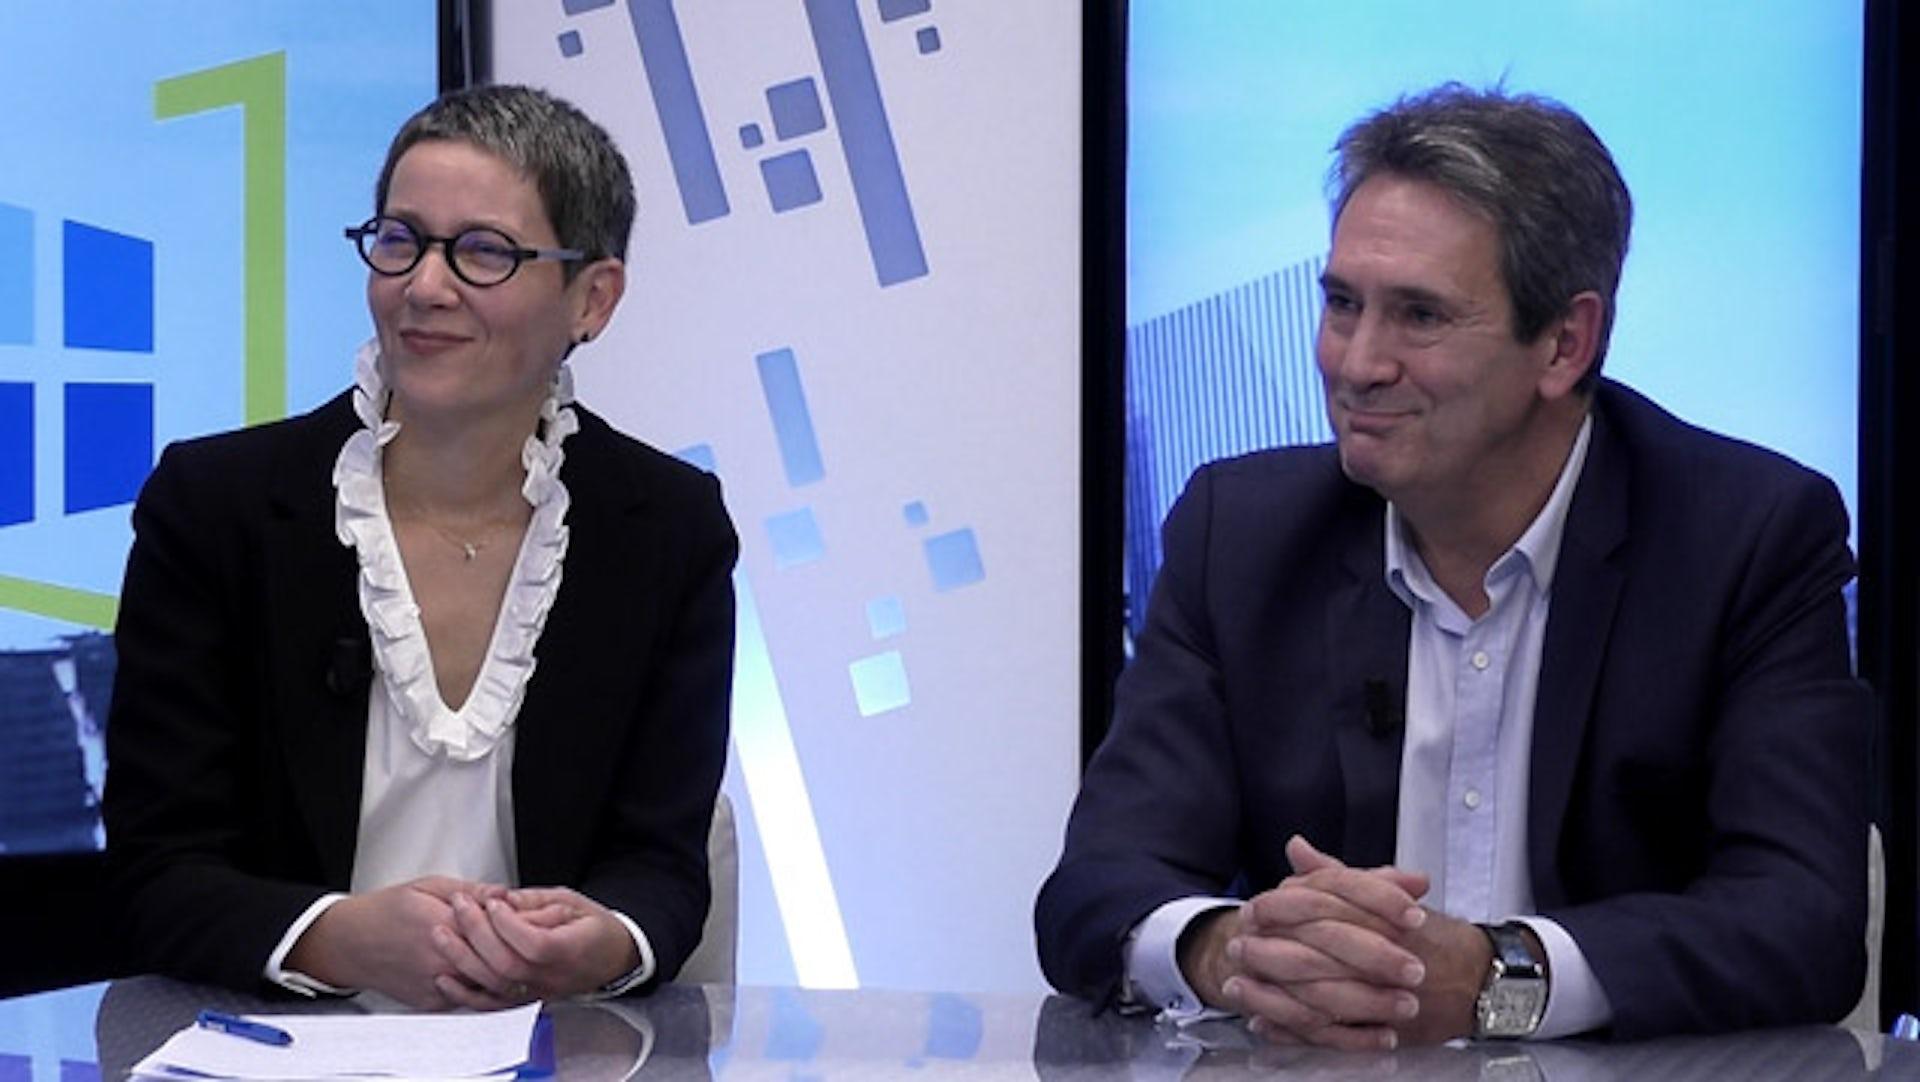 Vidéo : Le processus de négociation de la reprise de PME